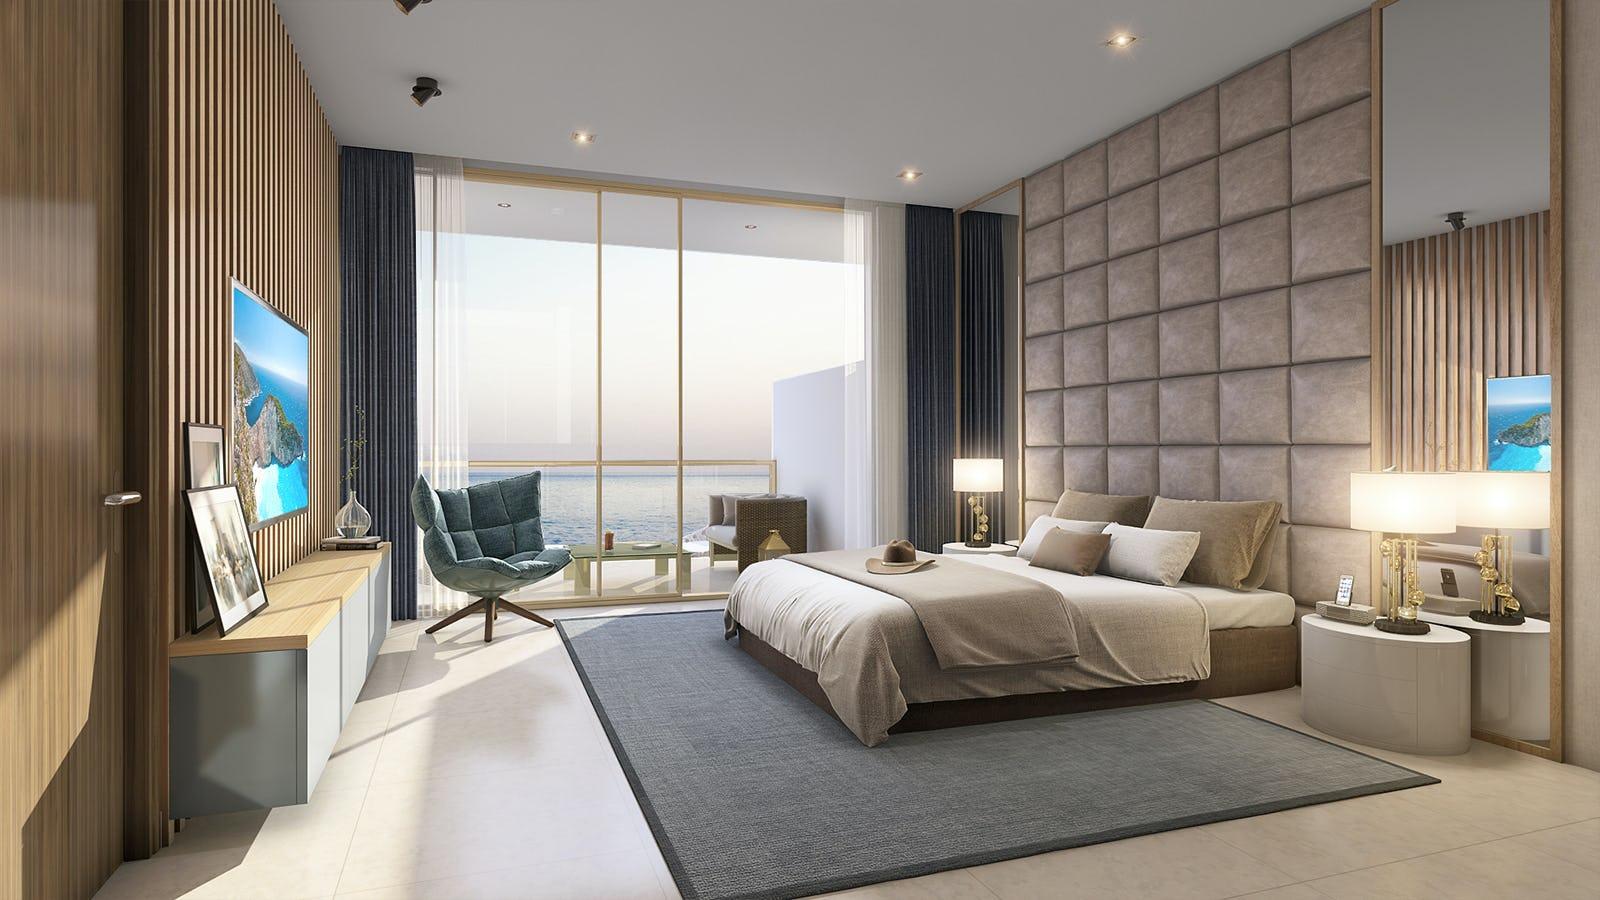 Serenia apartments talpe 09